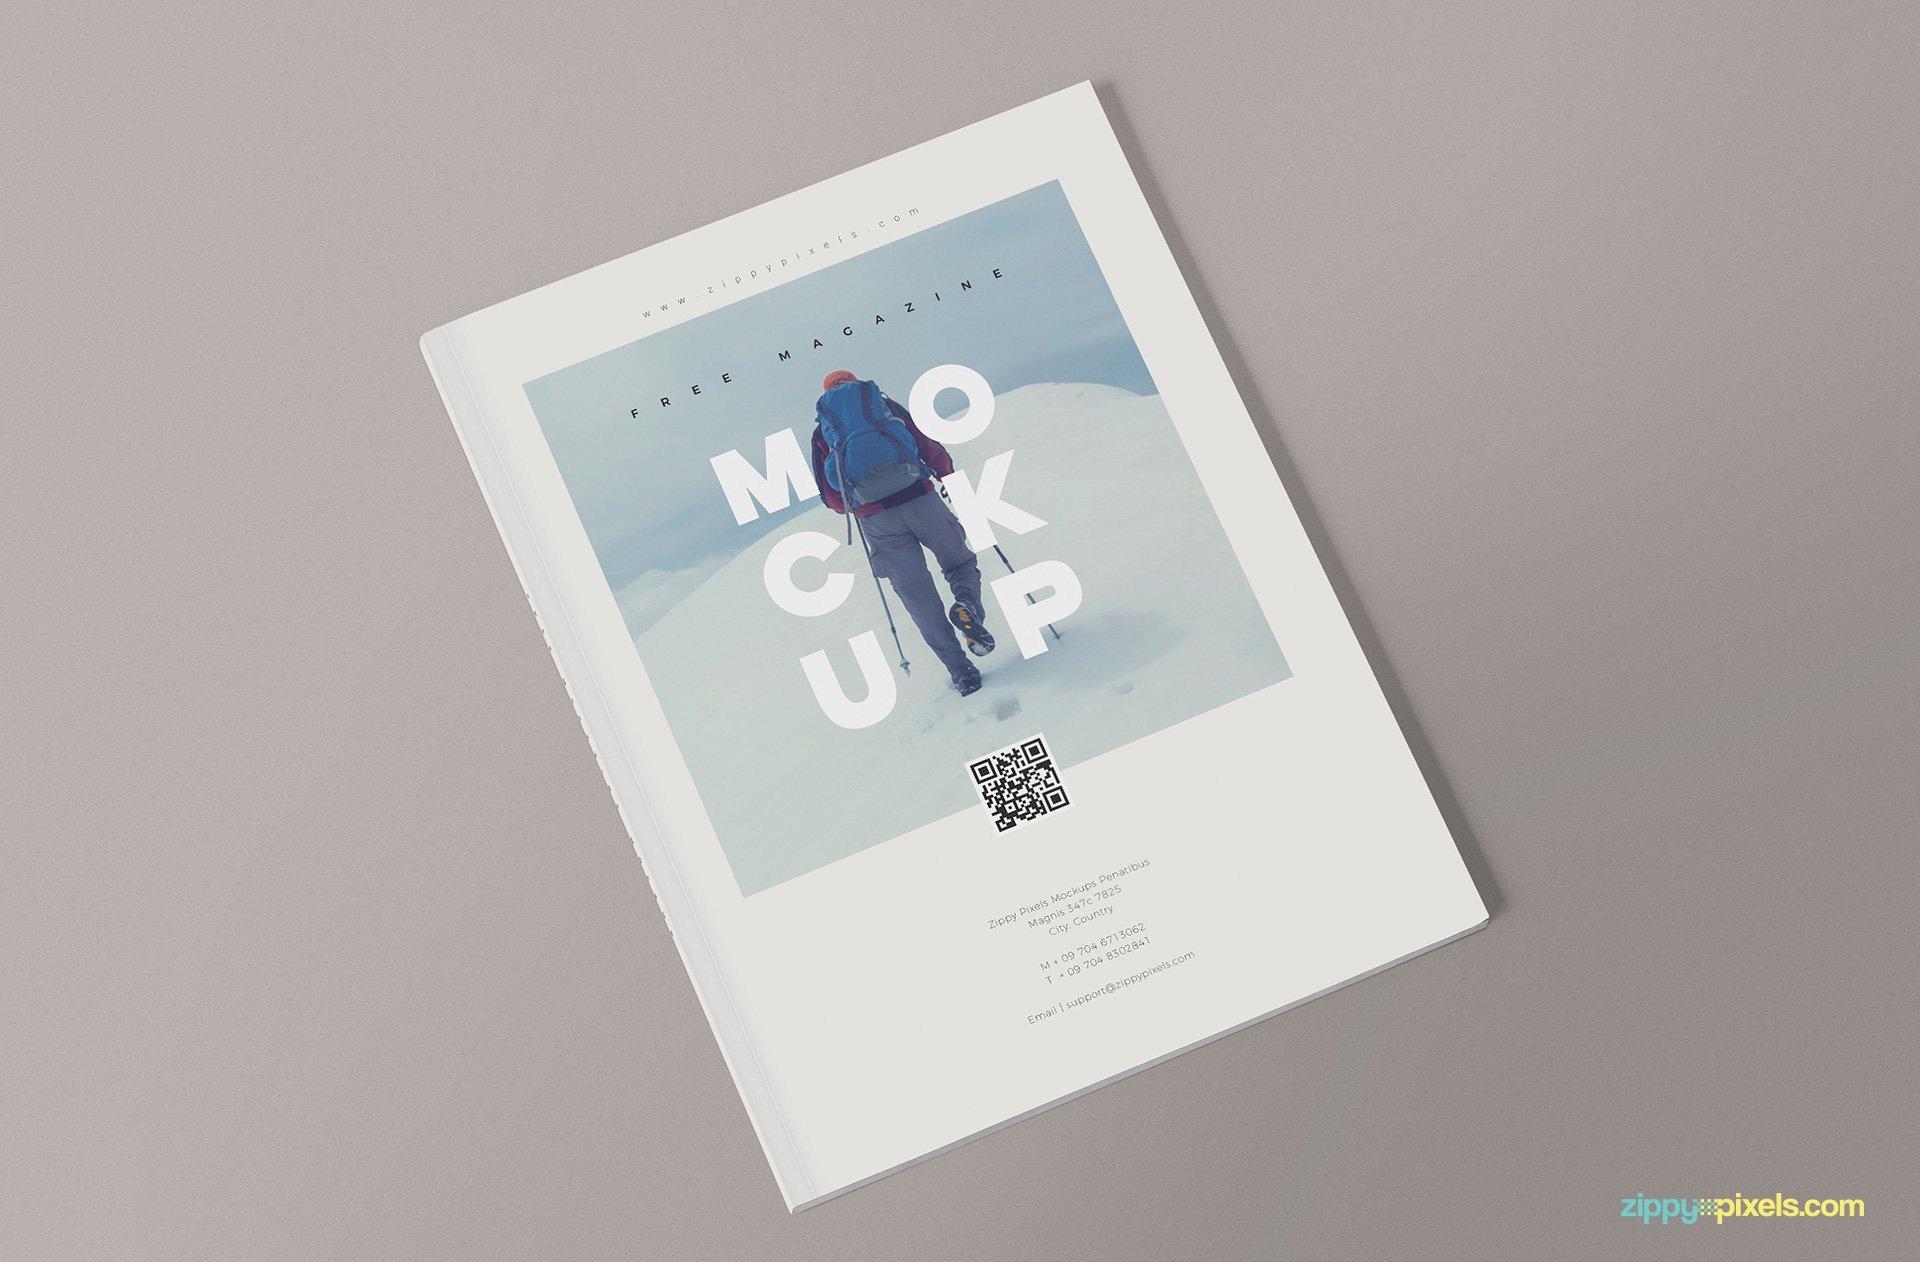 Magazine Cover Mockup Free 3 Free Magazine Mockup Templates